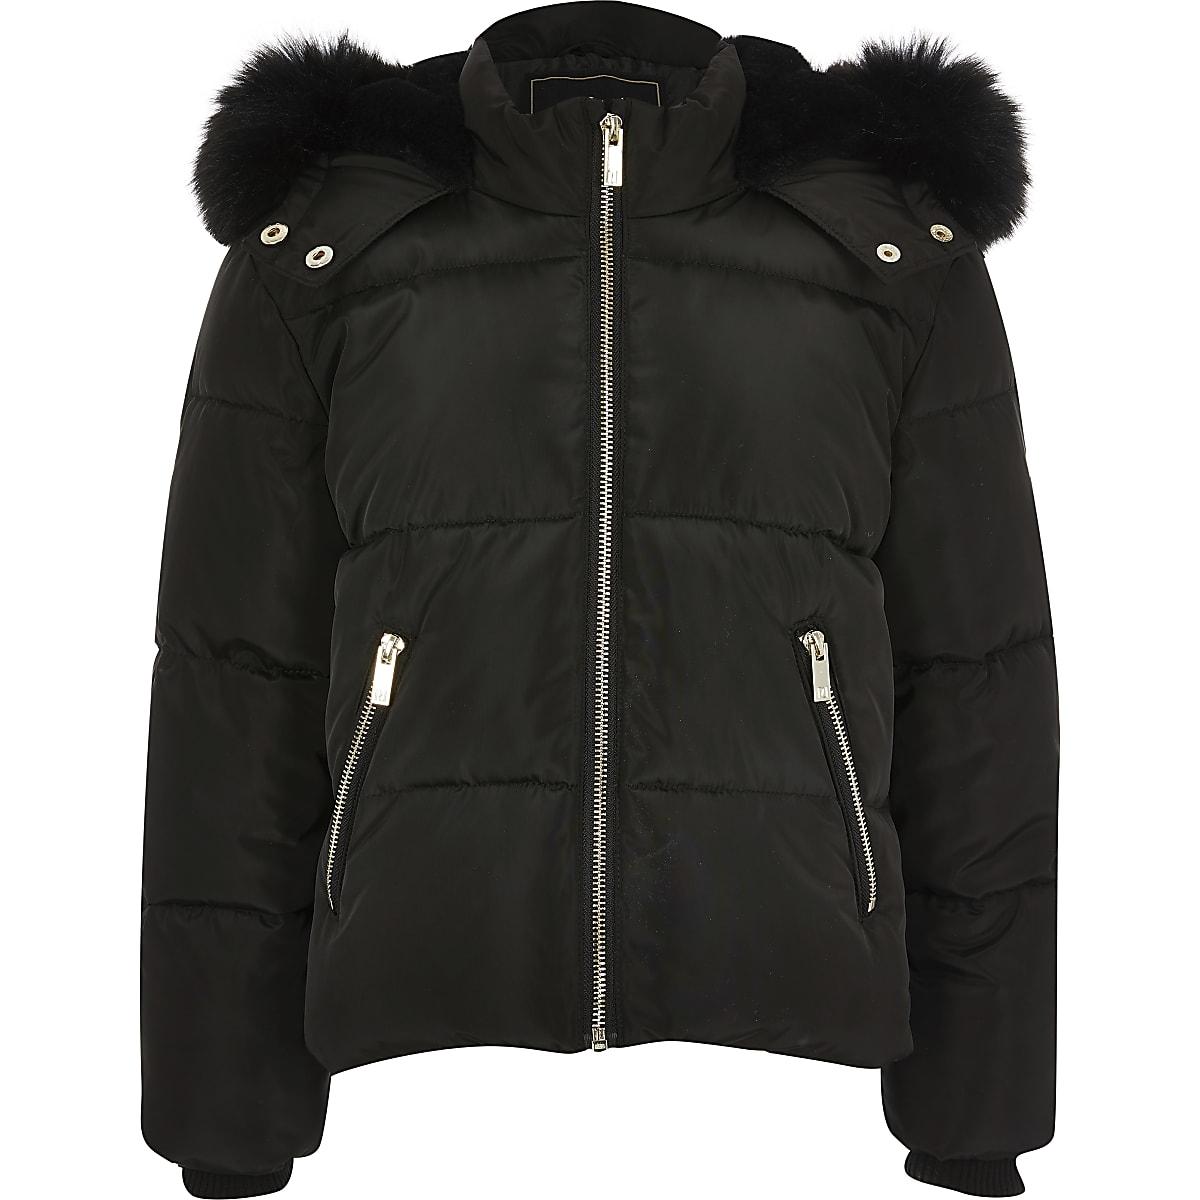 Zwarte gewatteerde jas met capuchon van imitatiebont voor meisjes